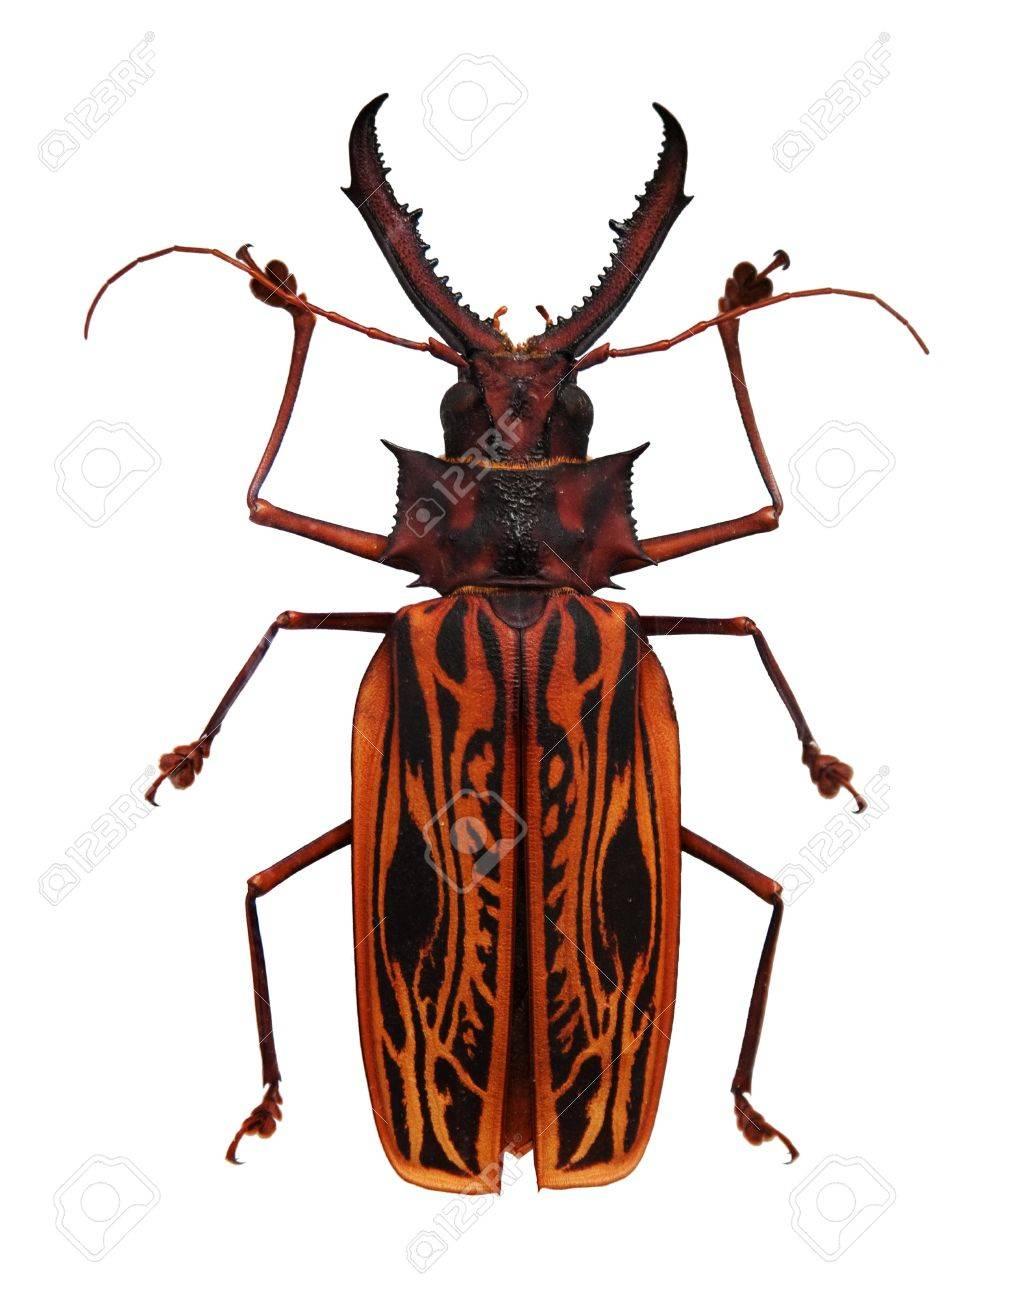 Big orange and black horned beetle isolated on white - 10026229